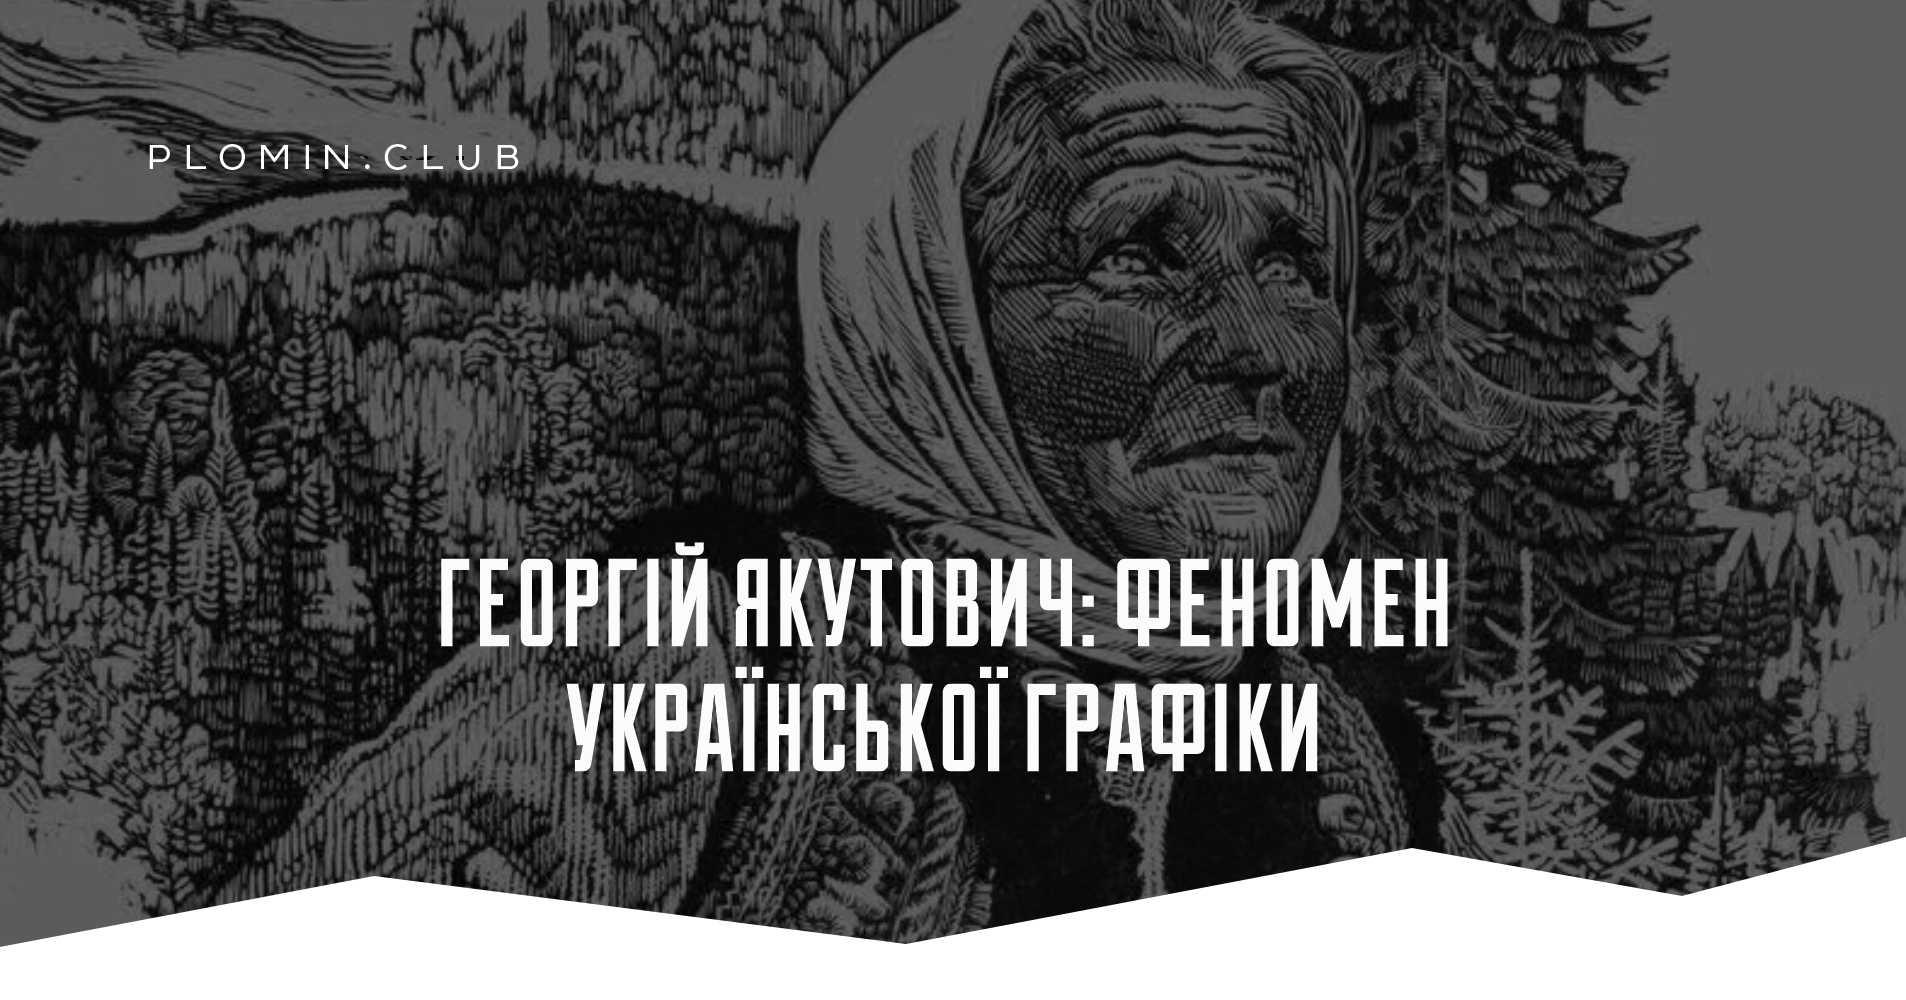 Георгій Якутович: феномен української графіки